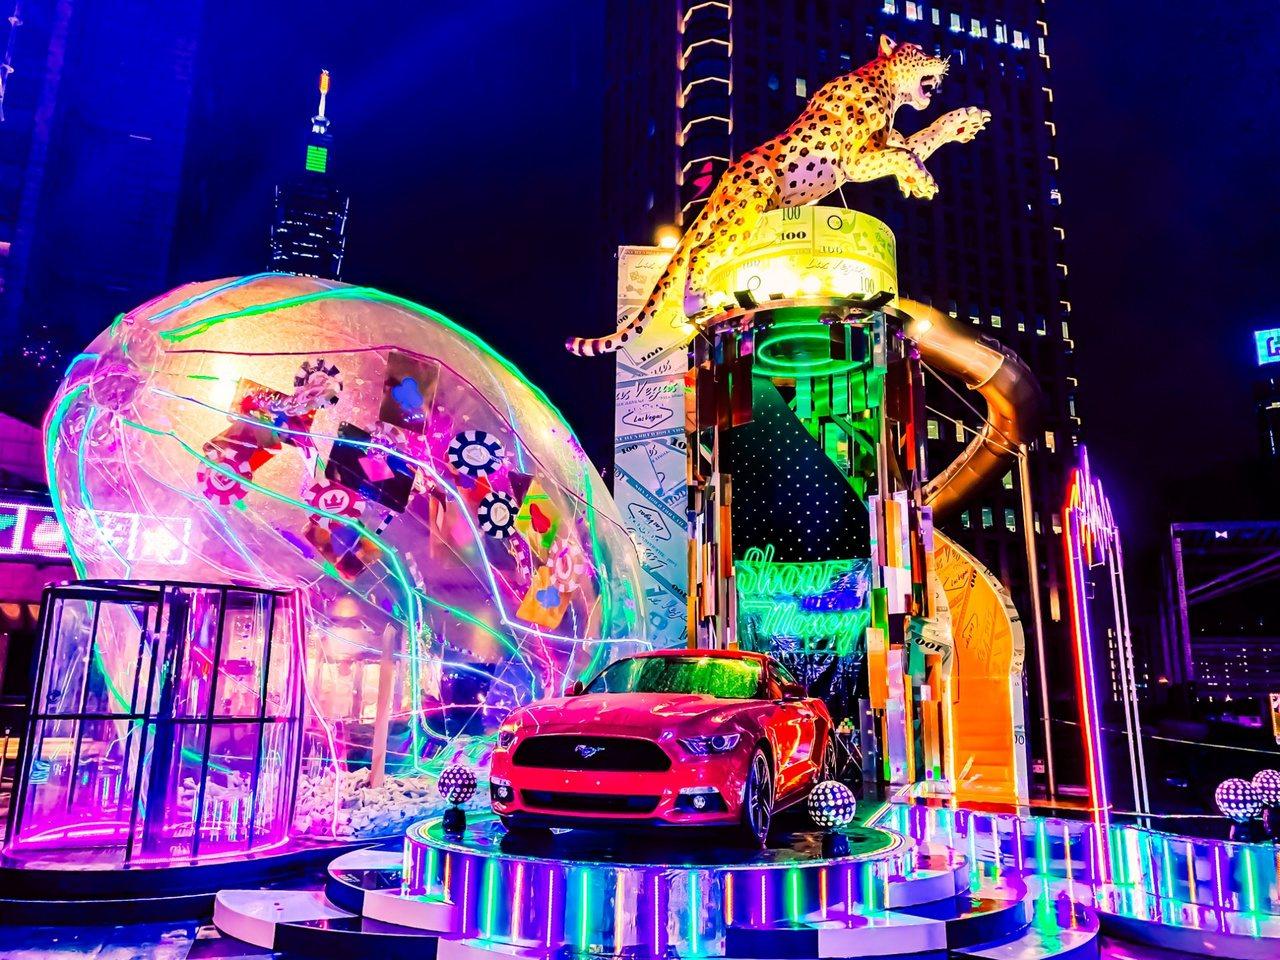 12米高的霸氣金錢豹溜滑梯,把賭城奢華與狂野的氣氛高調呈現。圖/統一時代提供